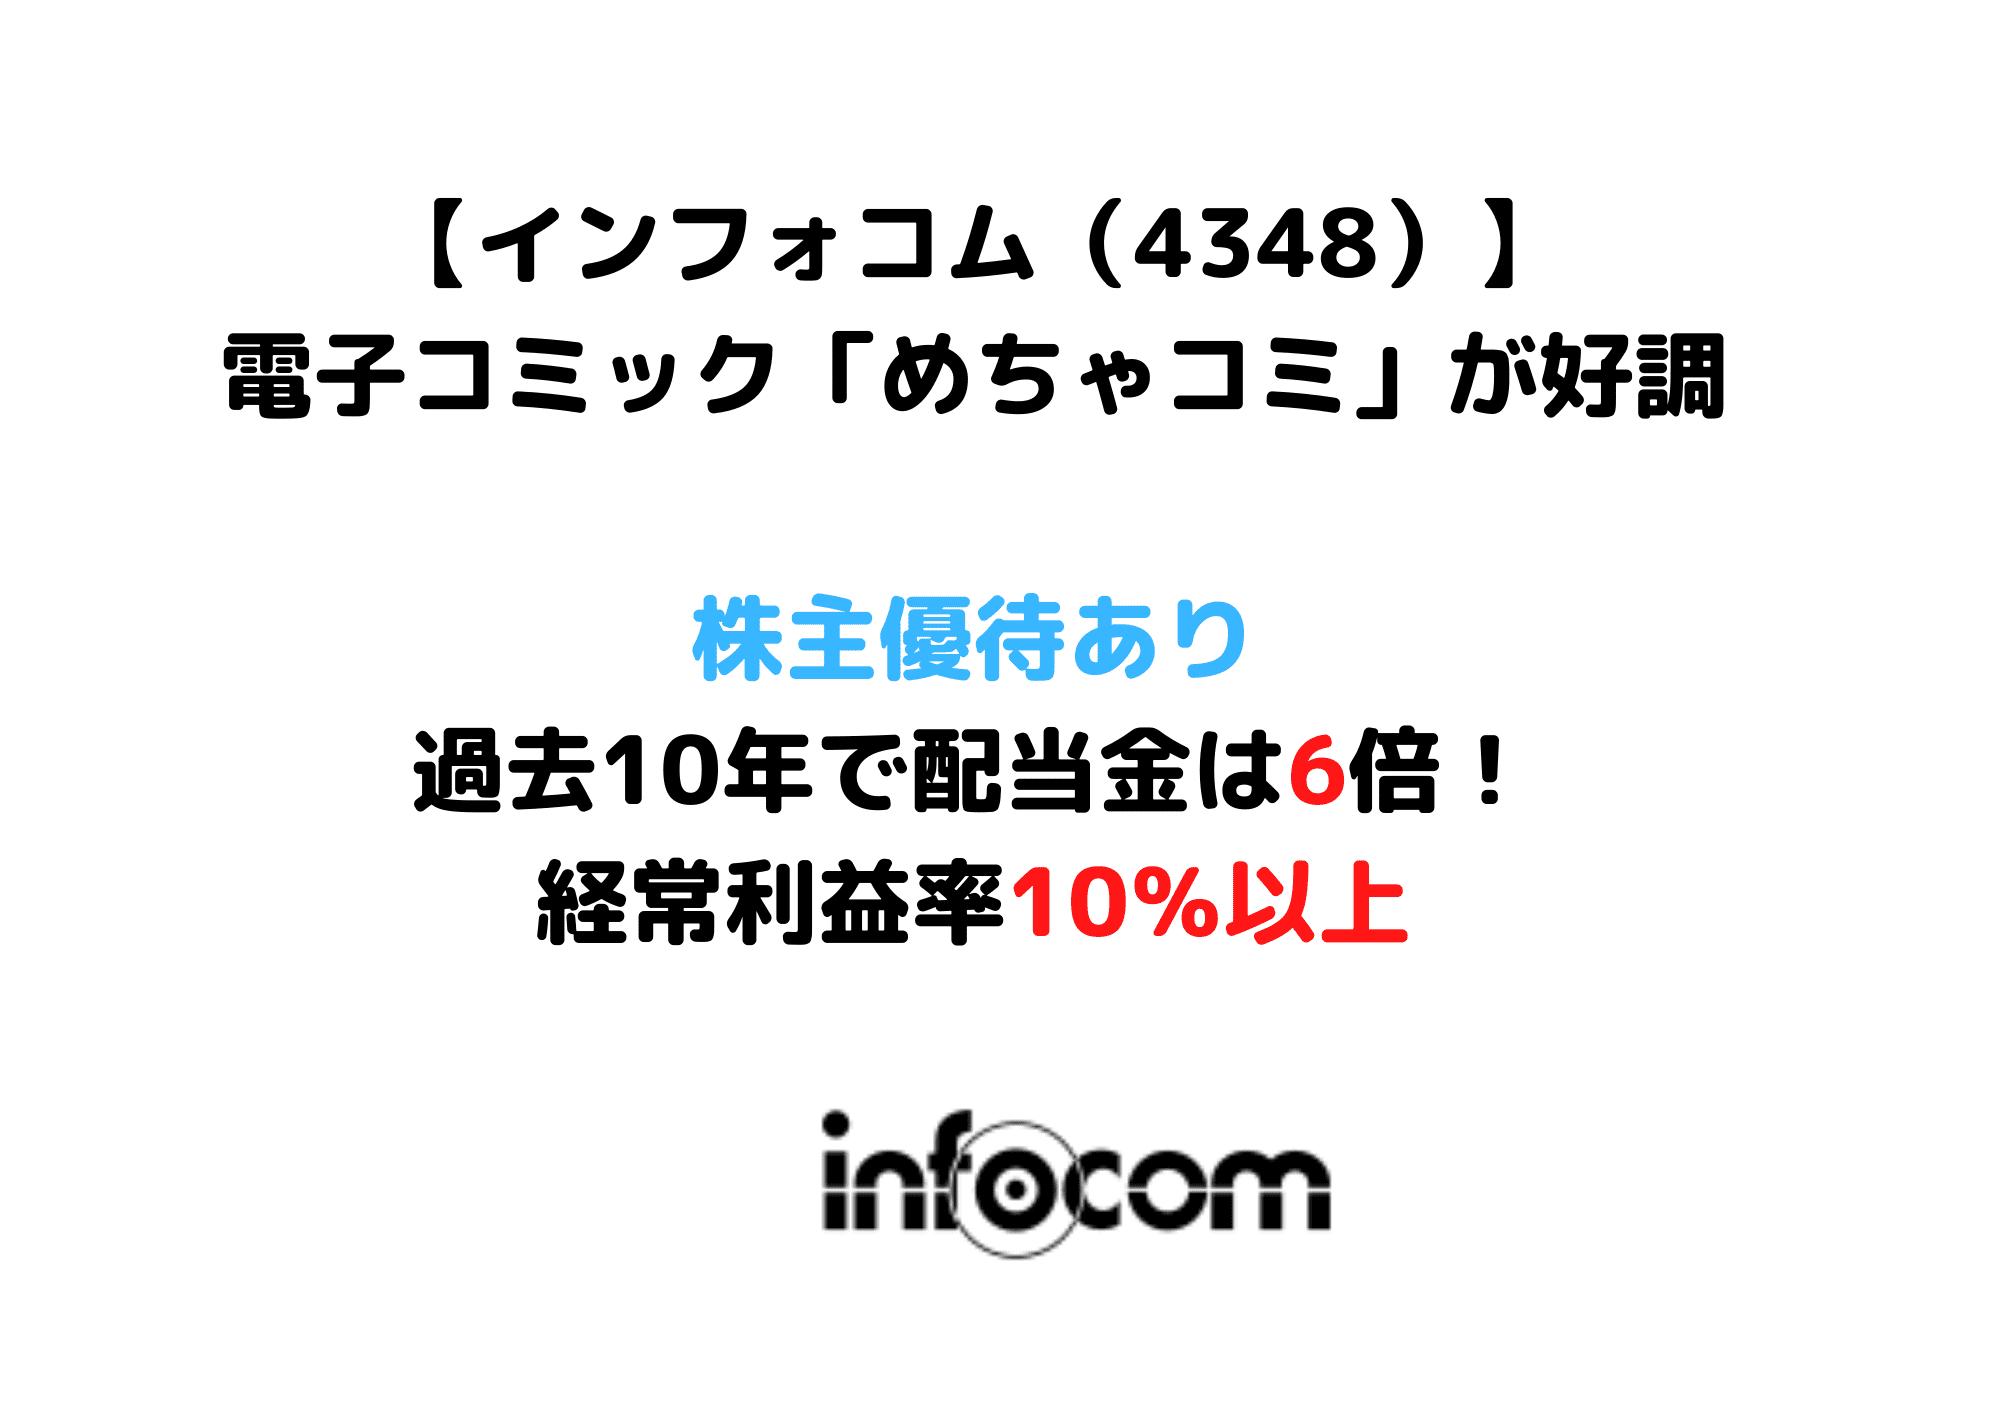 4348 インフォコム (1)